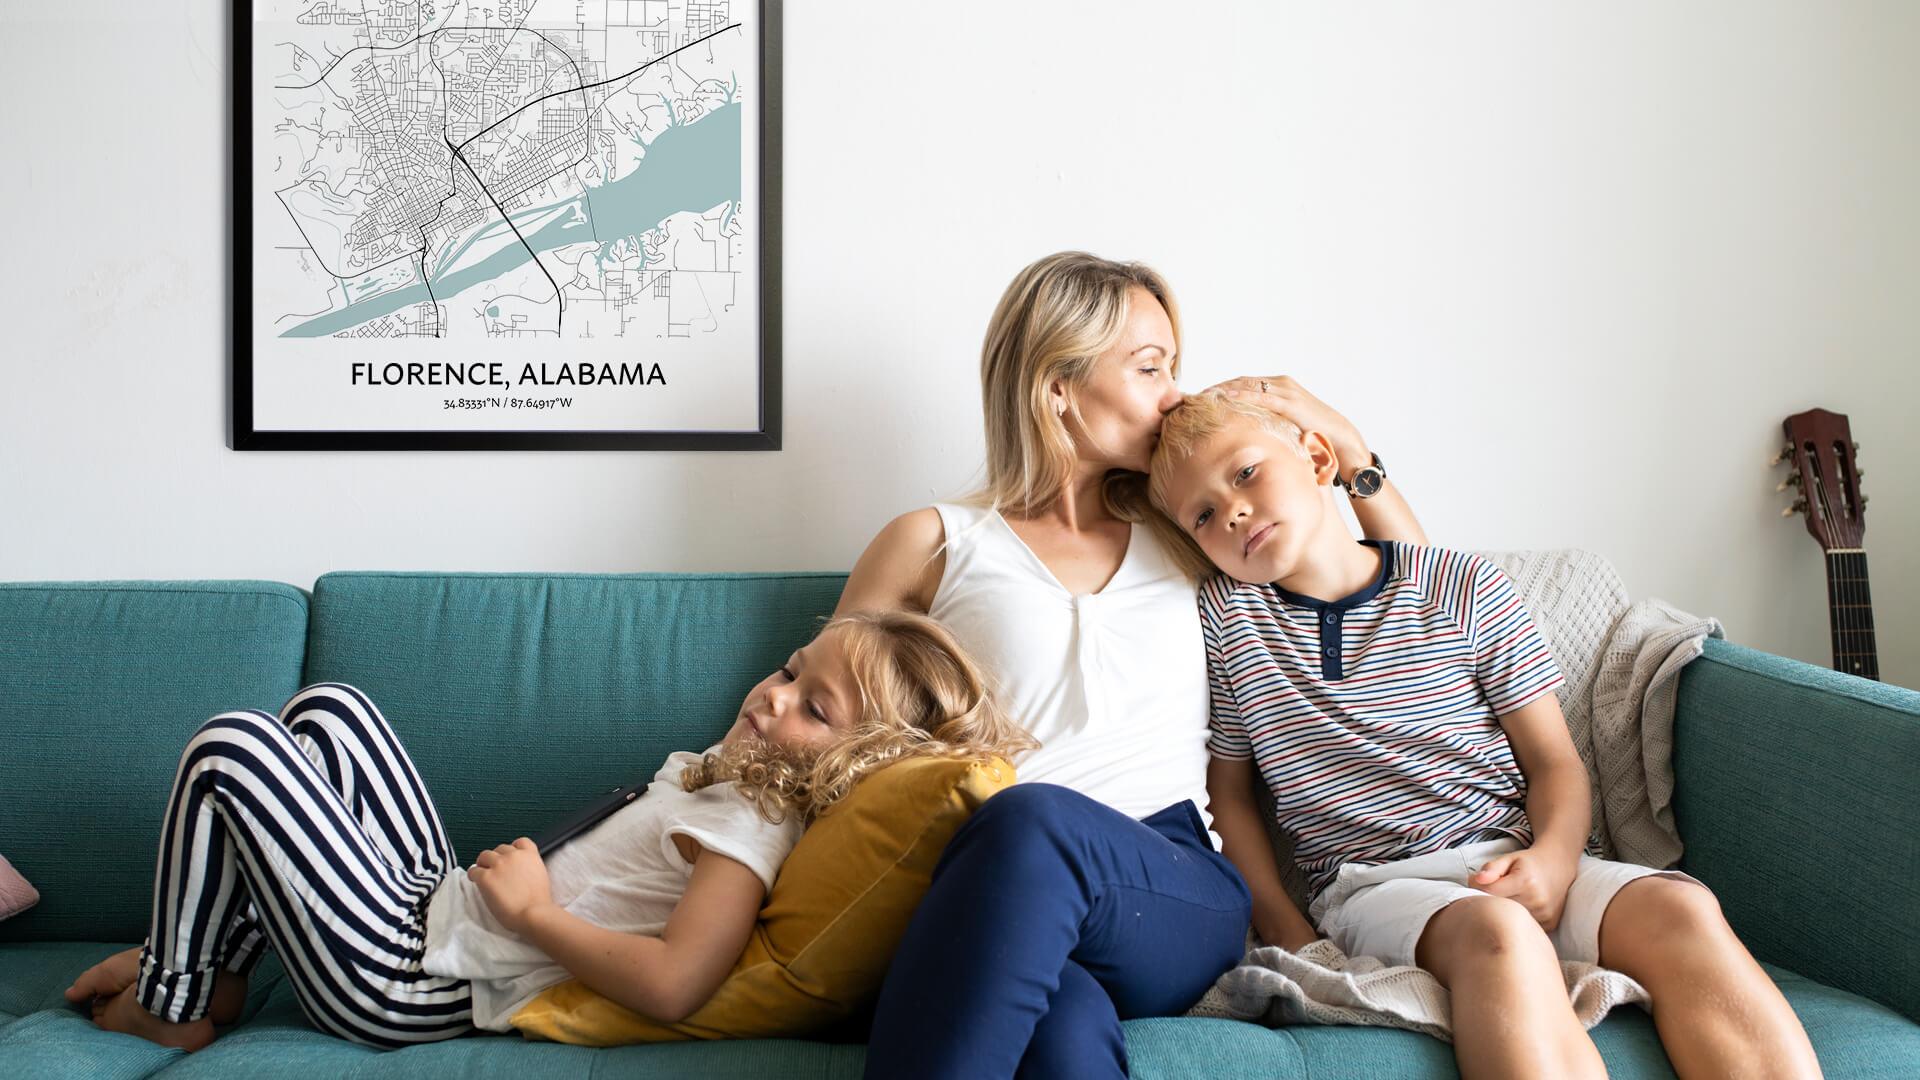 Florence Alabama map poster